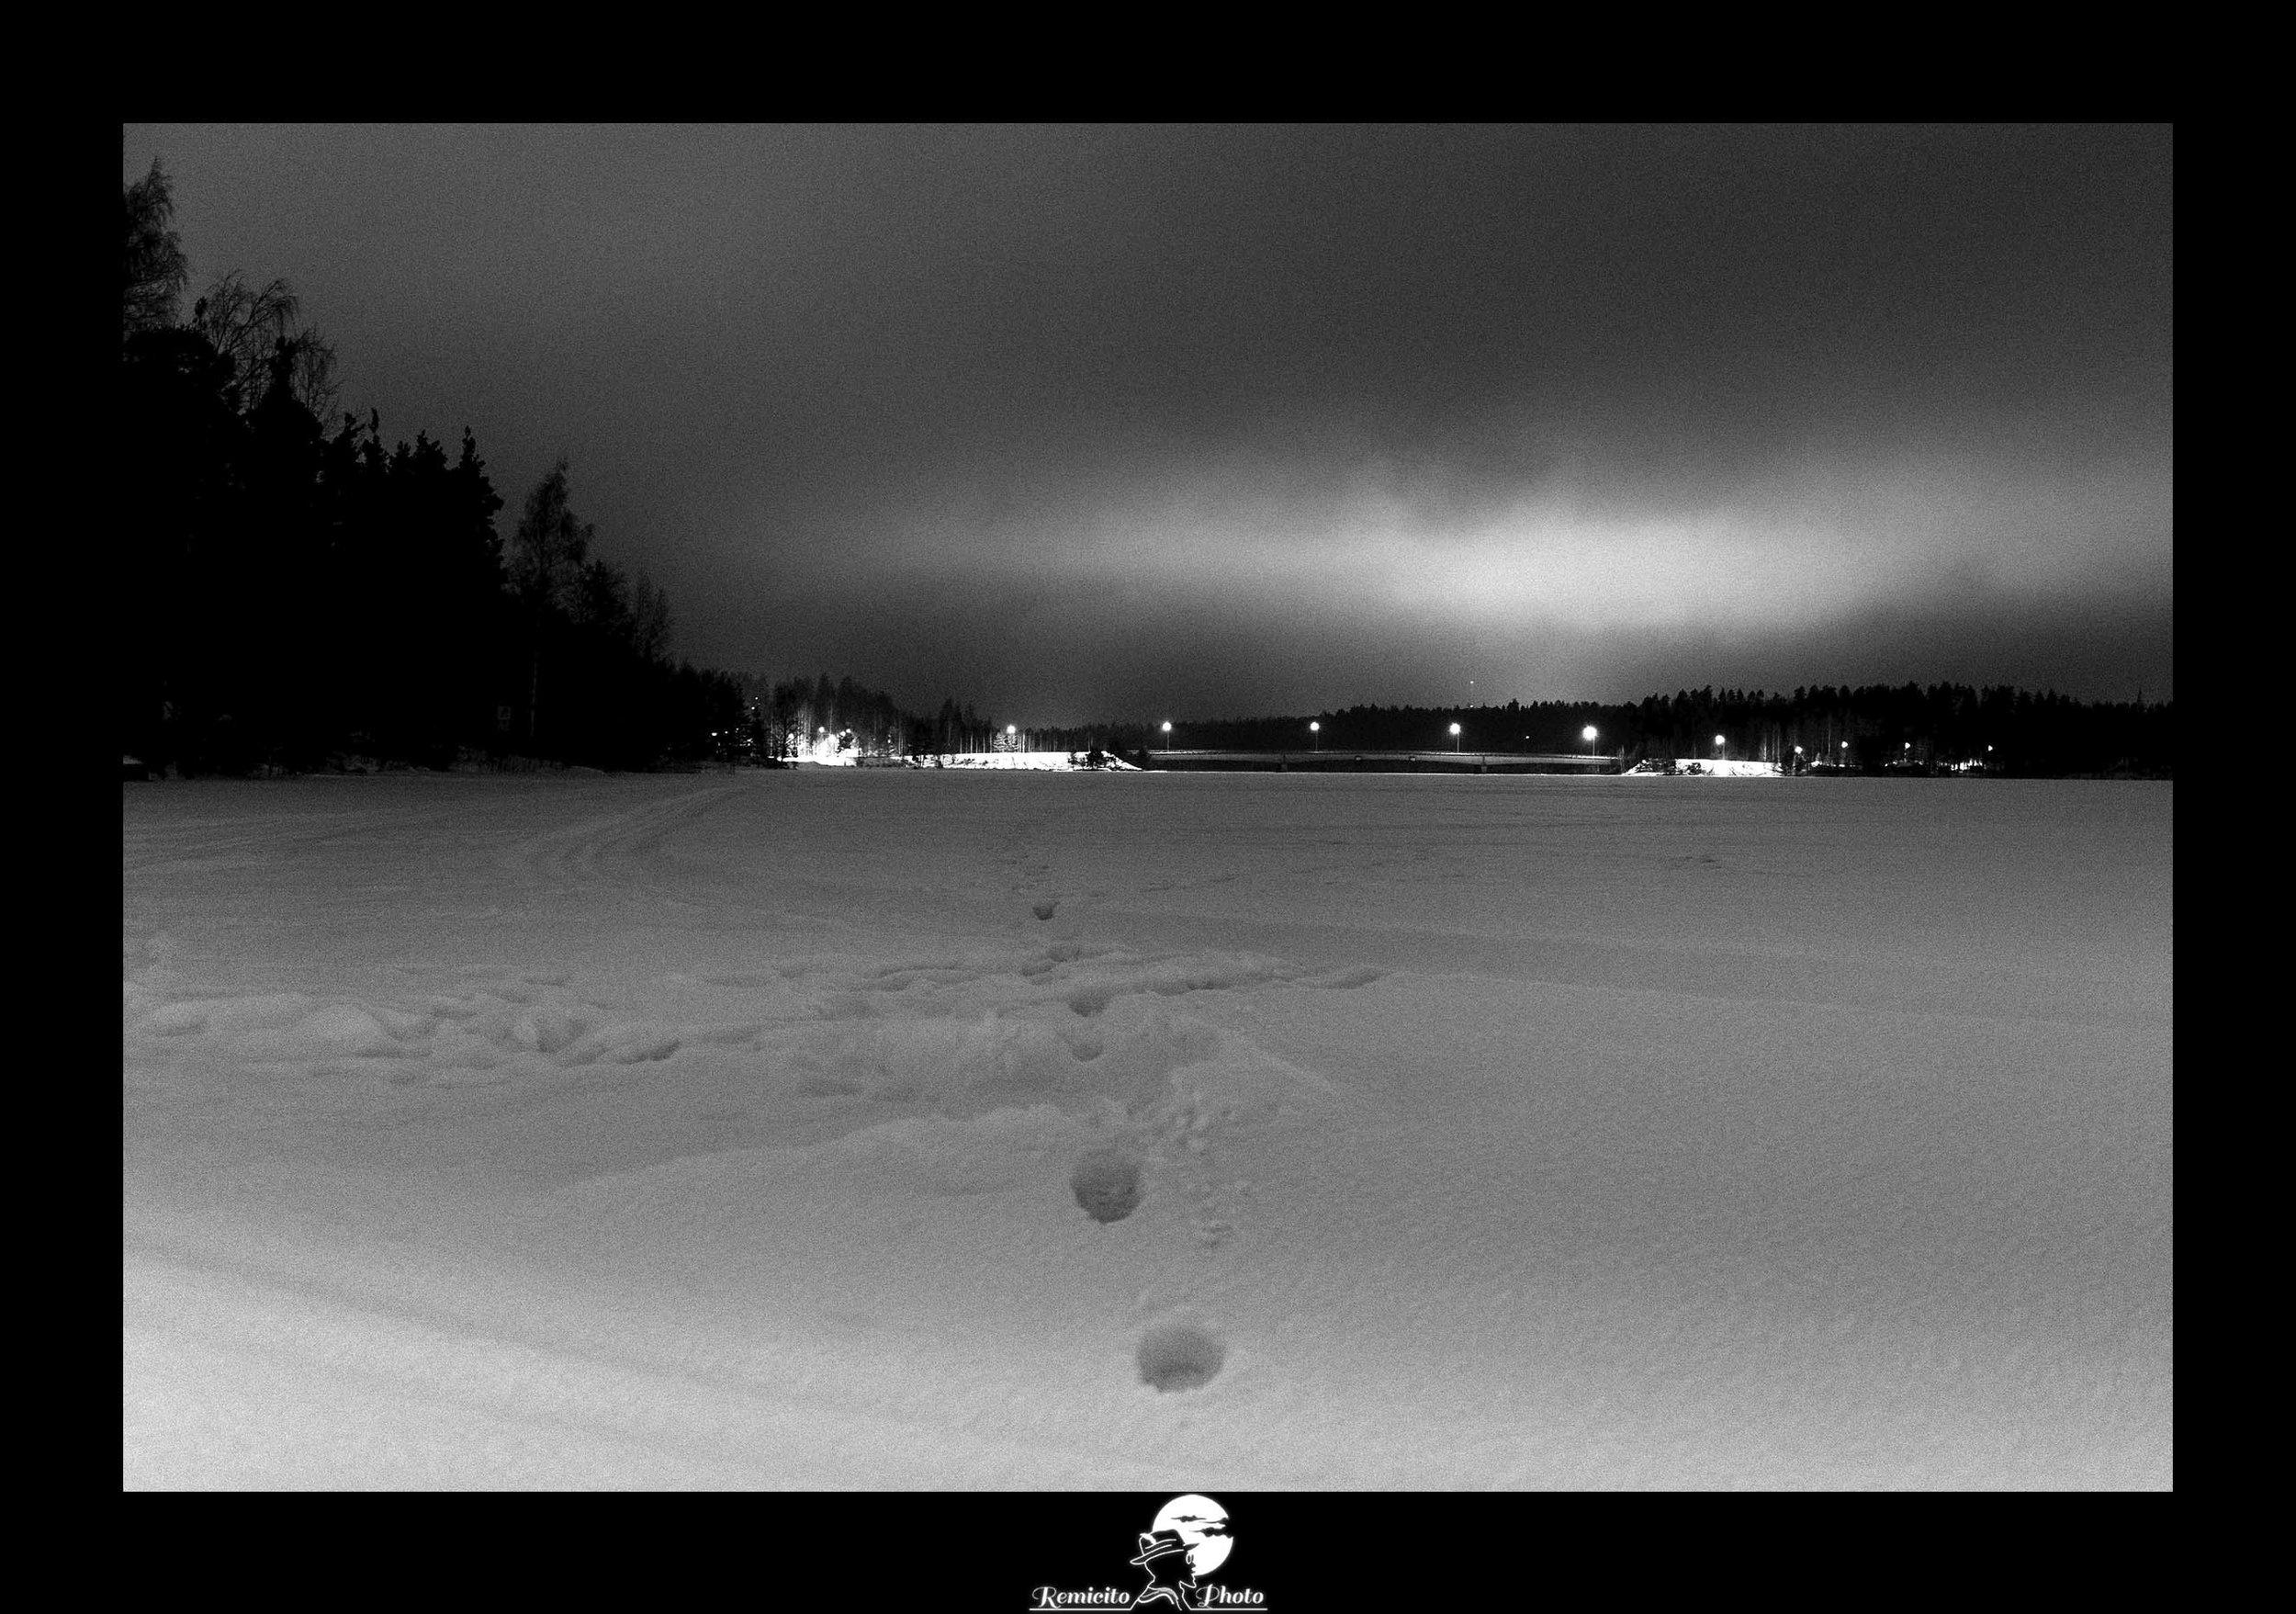 Remicito photo, rémi lacombe photographe voyage, belle photo idée cadeau, traces pas neige photo, photo noir et blanc cadeau, photo finlande noir et blanc nuit